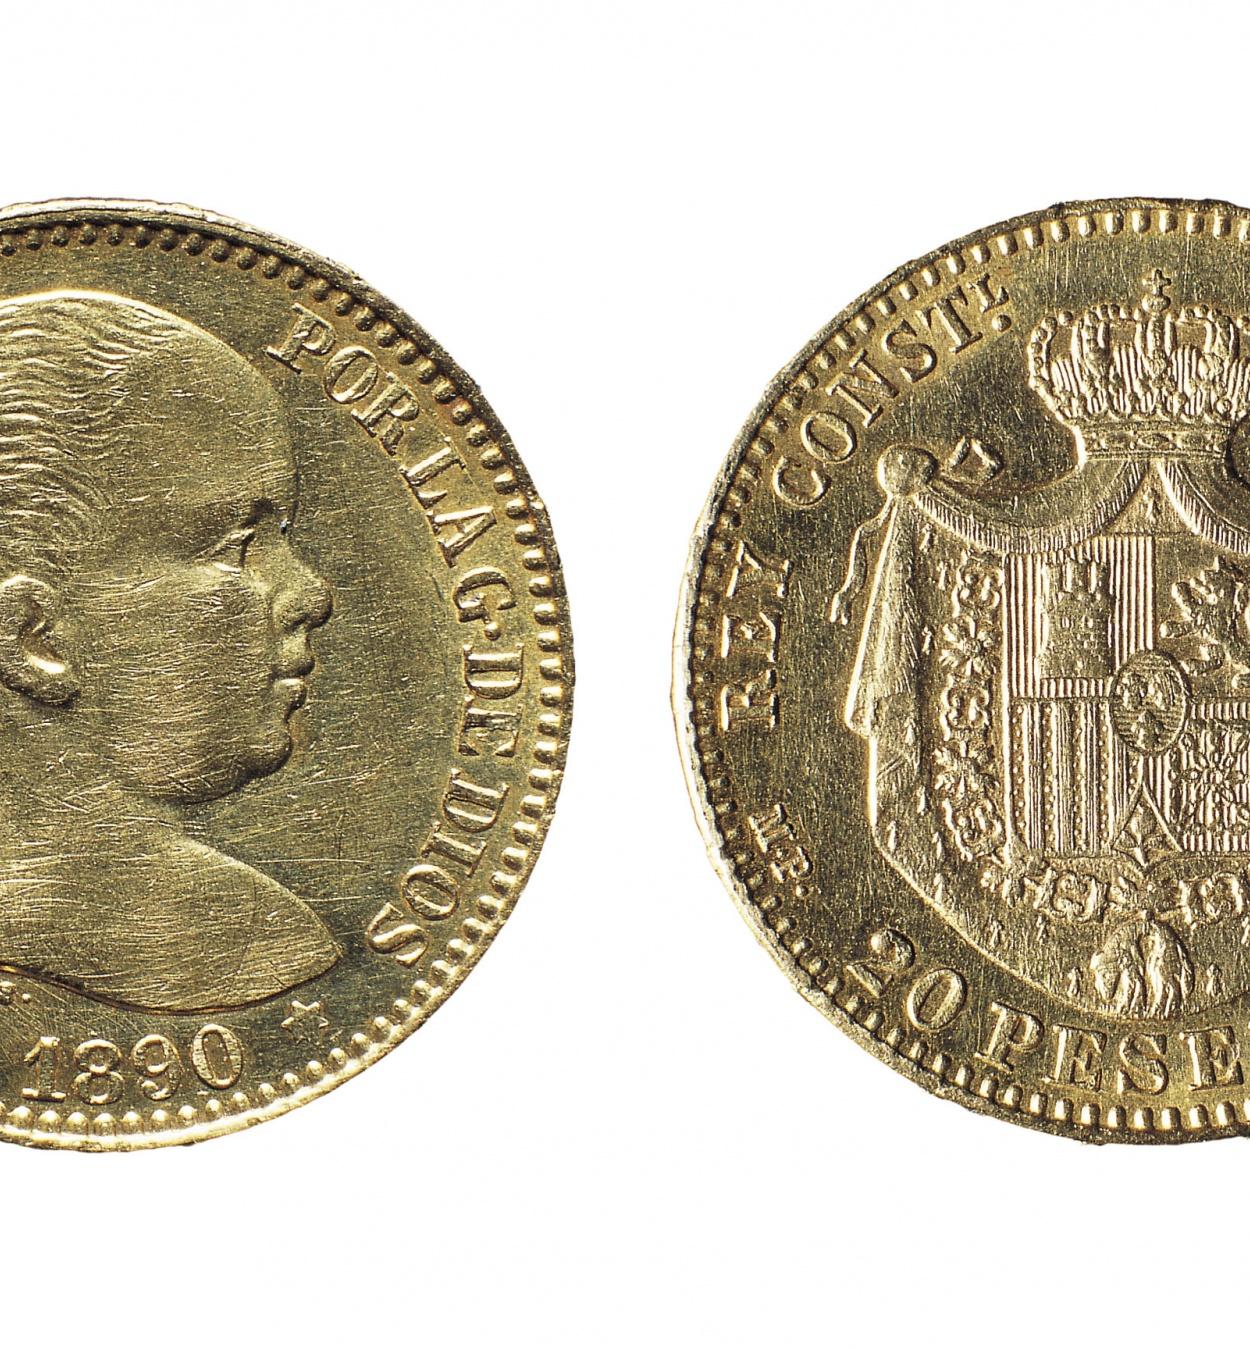 Alfons XIII d'Espanya - 20 pessetes - 1890